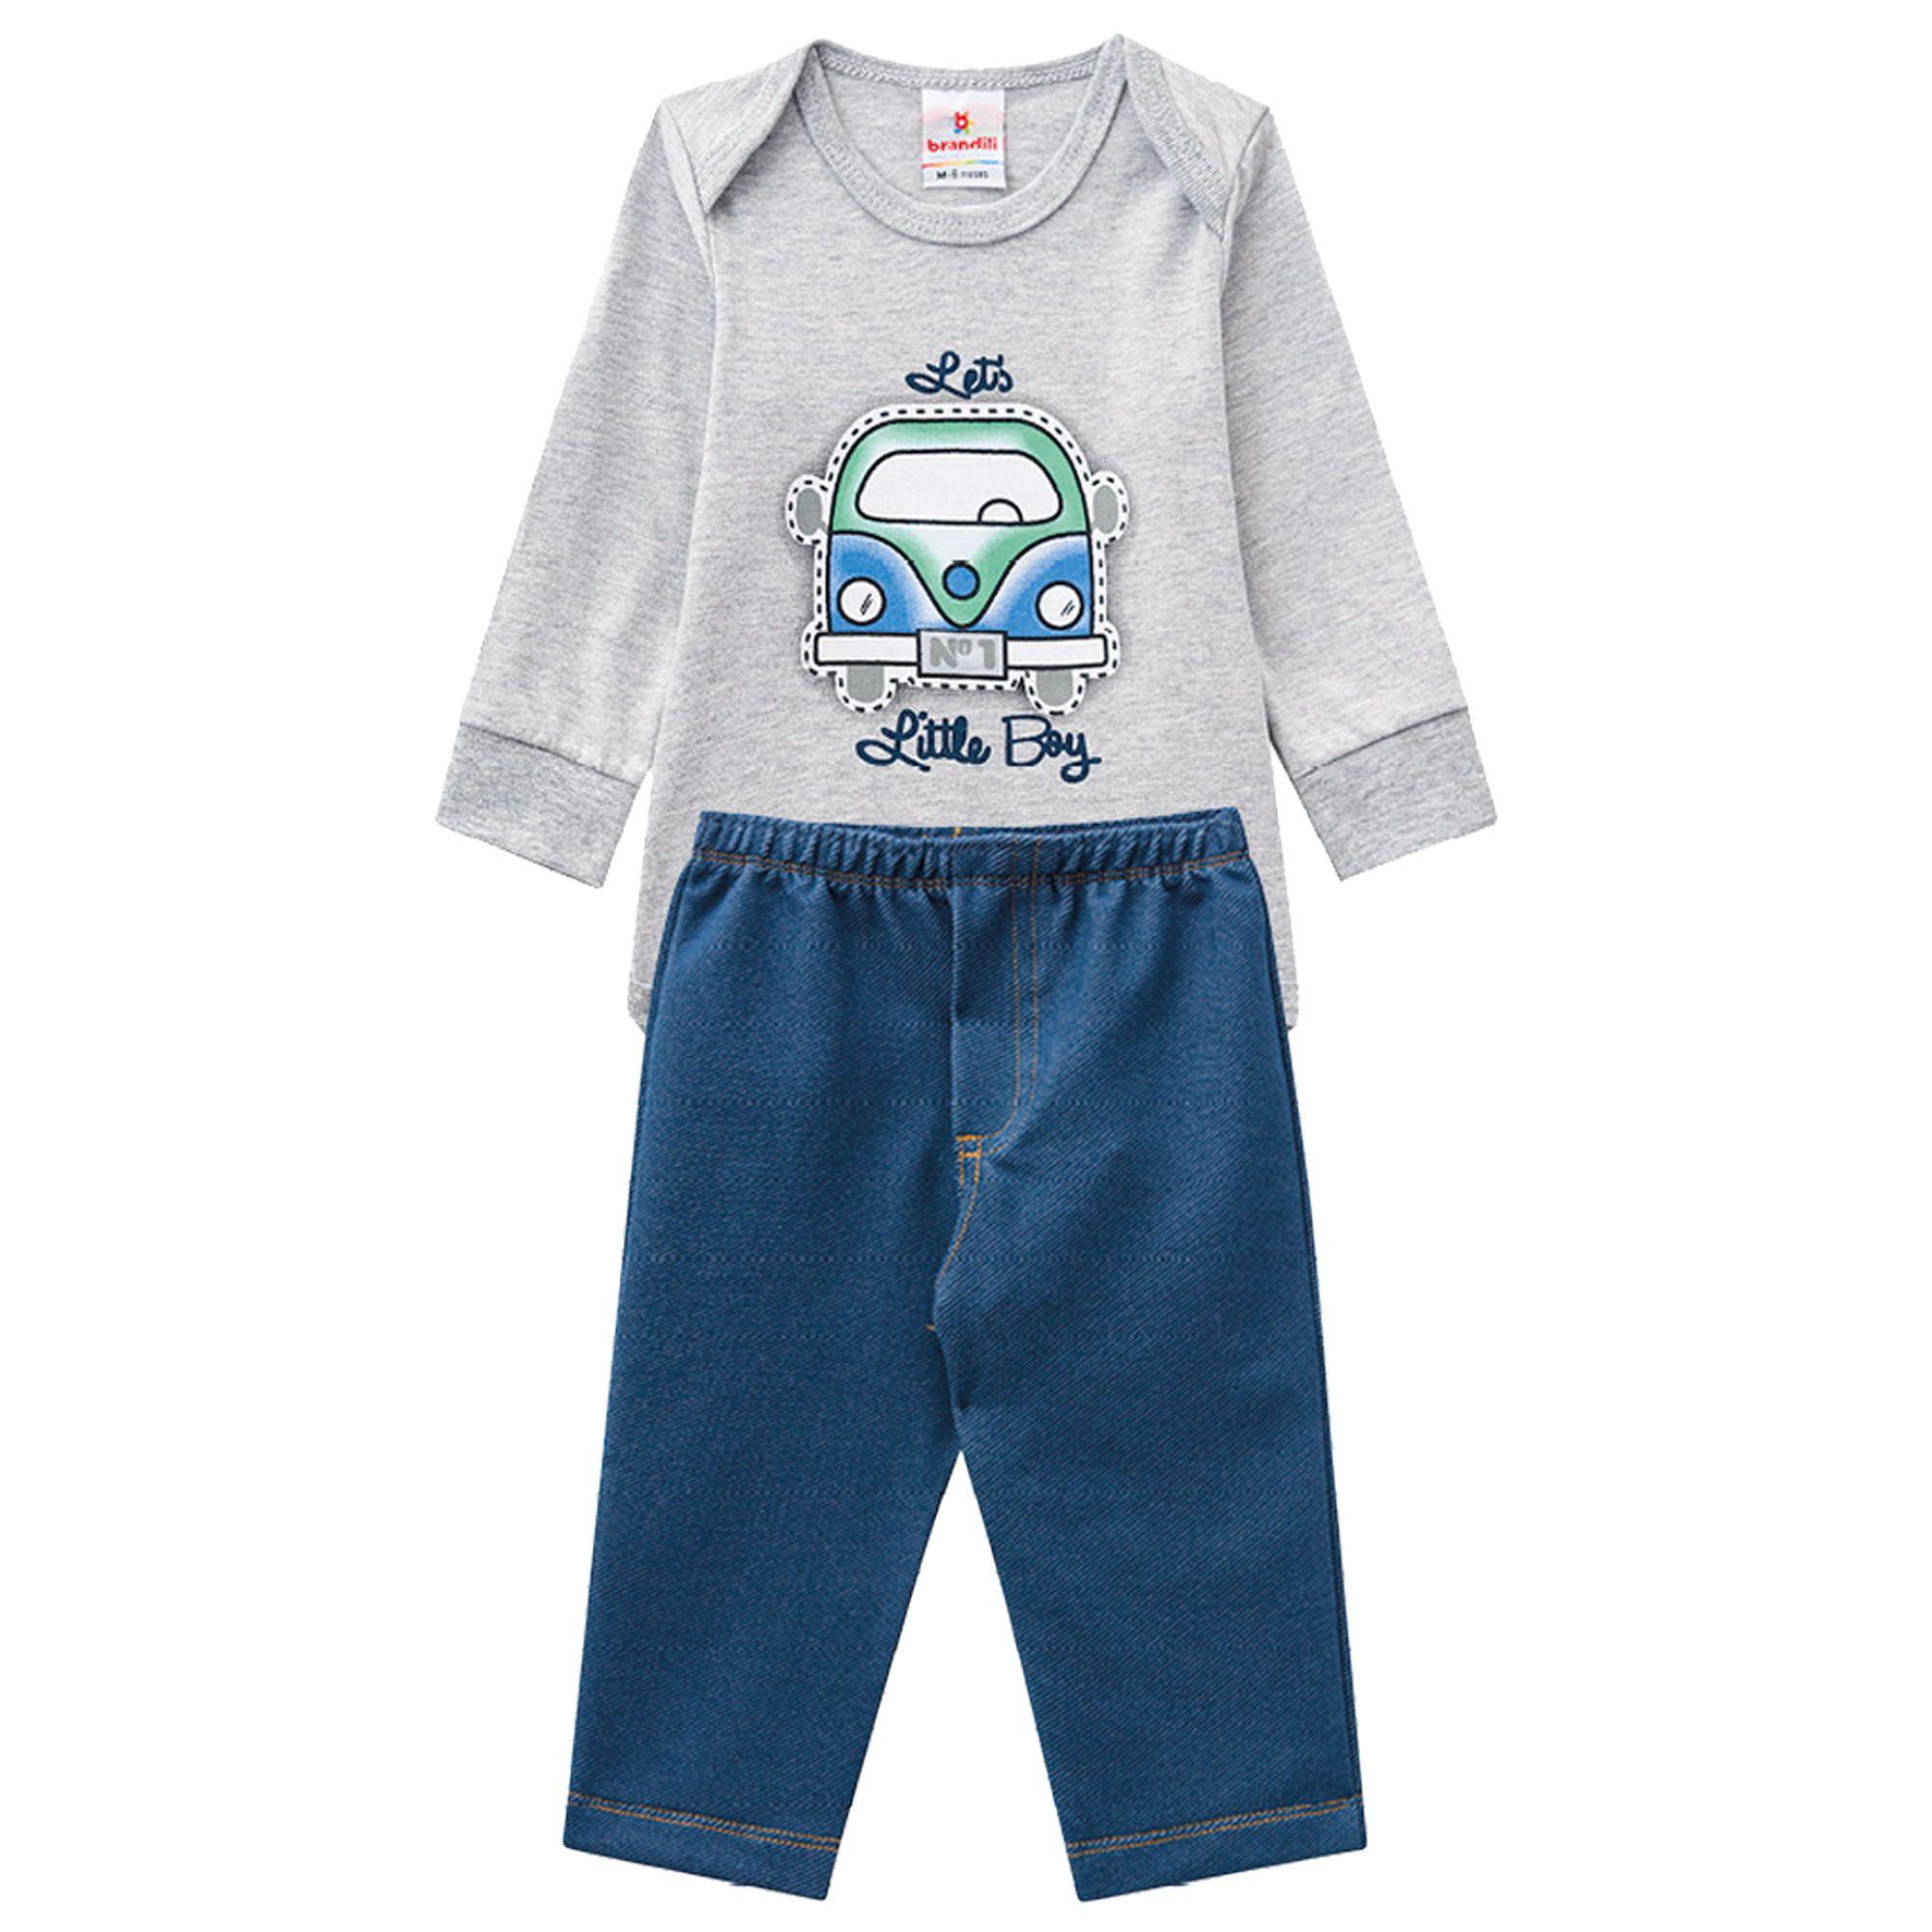 Conjunto Inverno Brandili Estampado Perua Lets Litlle Boy e Calça Jeans - M e G